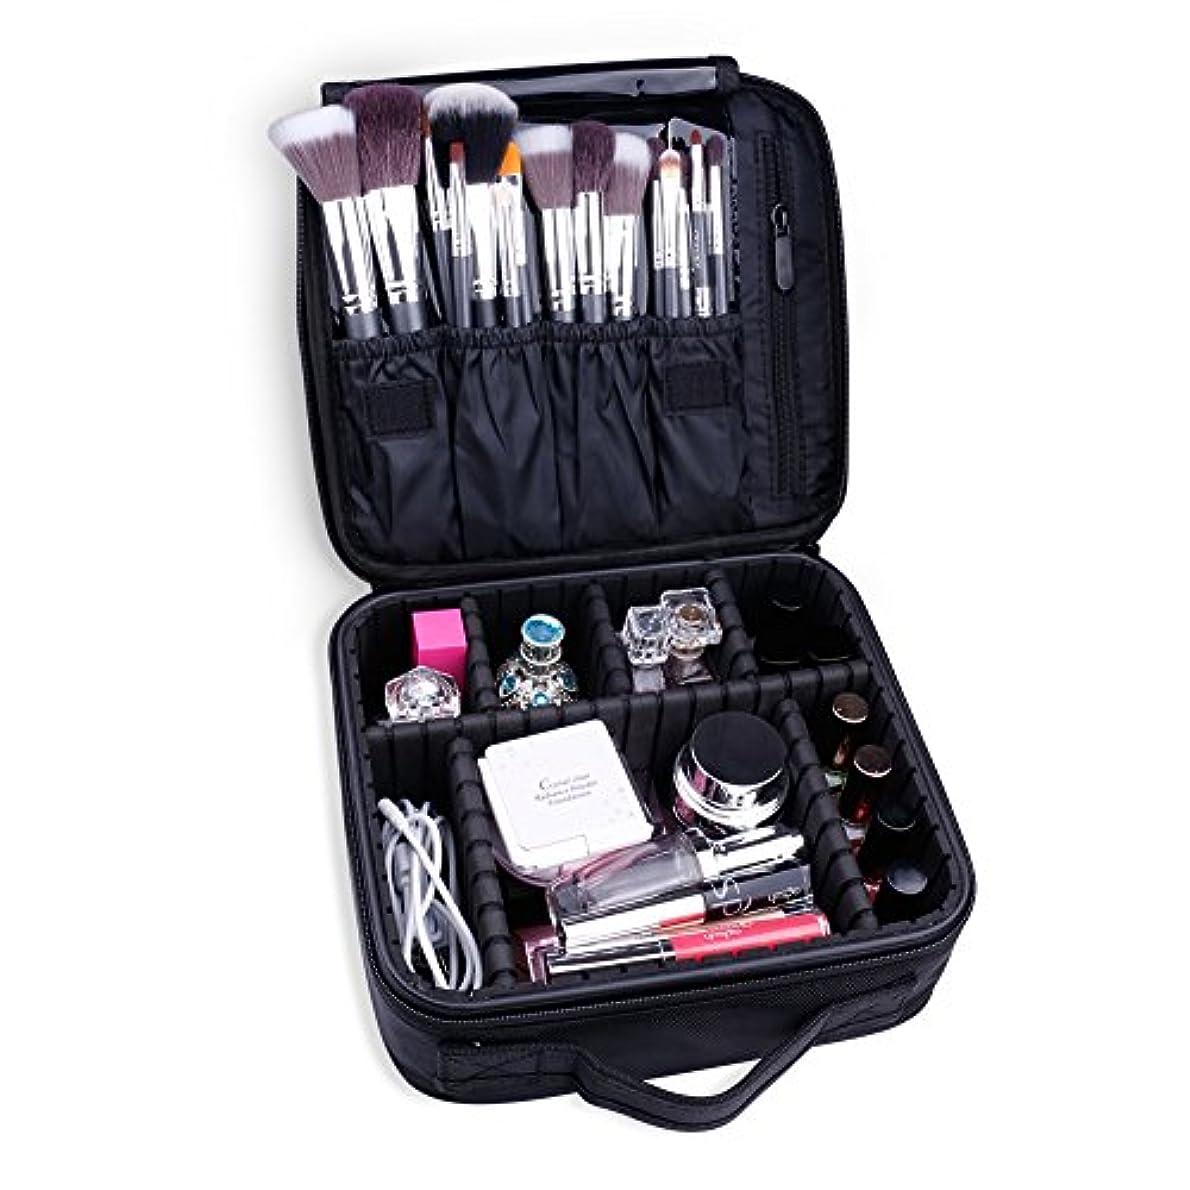 くぼみパフ長さDocolor ドゥカラー 化粧ポーチ 高品質 多容量 化粧バッグ 多機能収納ケース